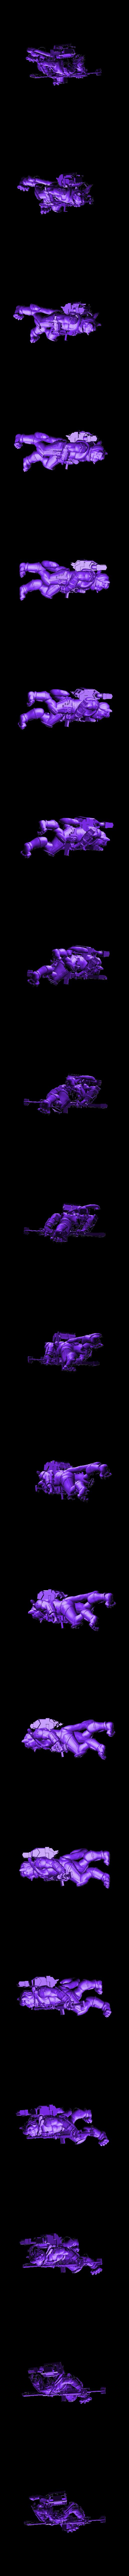 Low_Poly_Laser_no_base.stl Télécharger fichier STL gratuit Laser Cat • Objet à imprimer en 3D, mrhers2